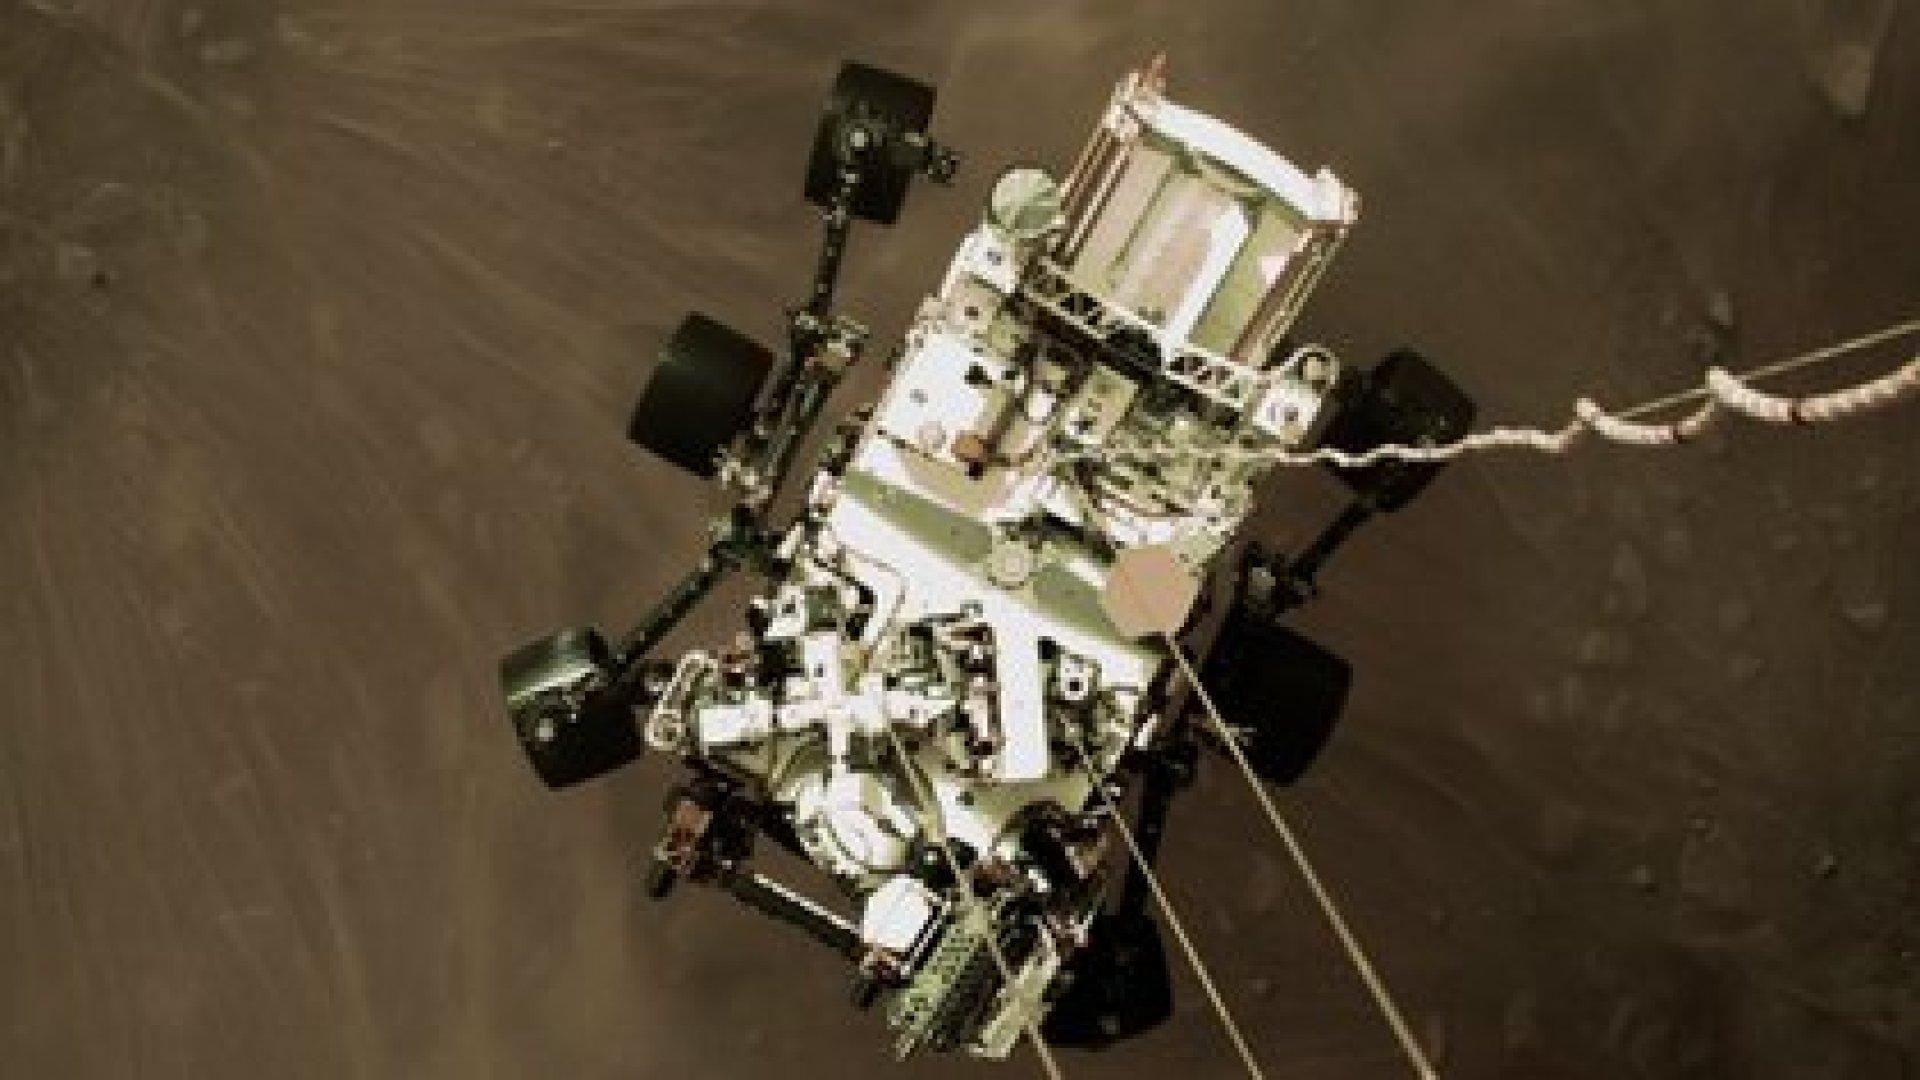 Esta es una imagen fija de alta resolución que forma parte de un video tomado por varias cámaras cuando el rover aterrizó en Marte (NASA/JPL-Caltech)